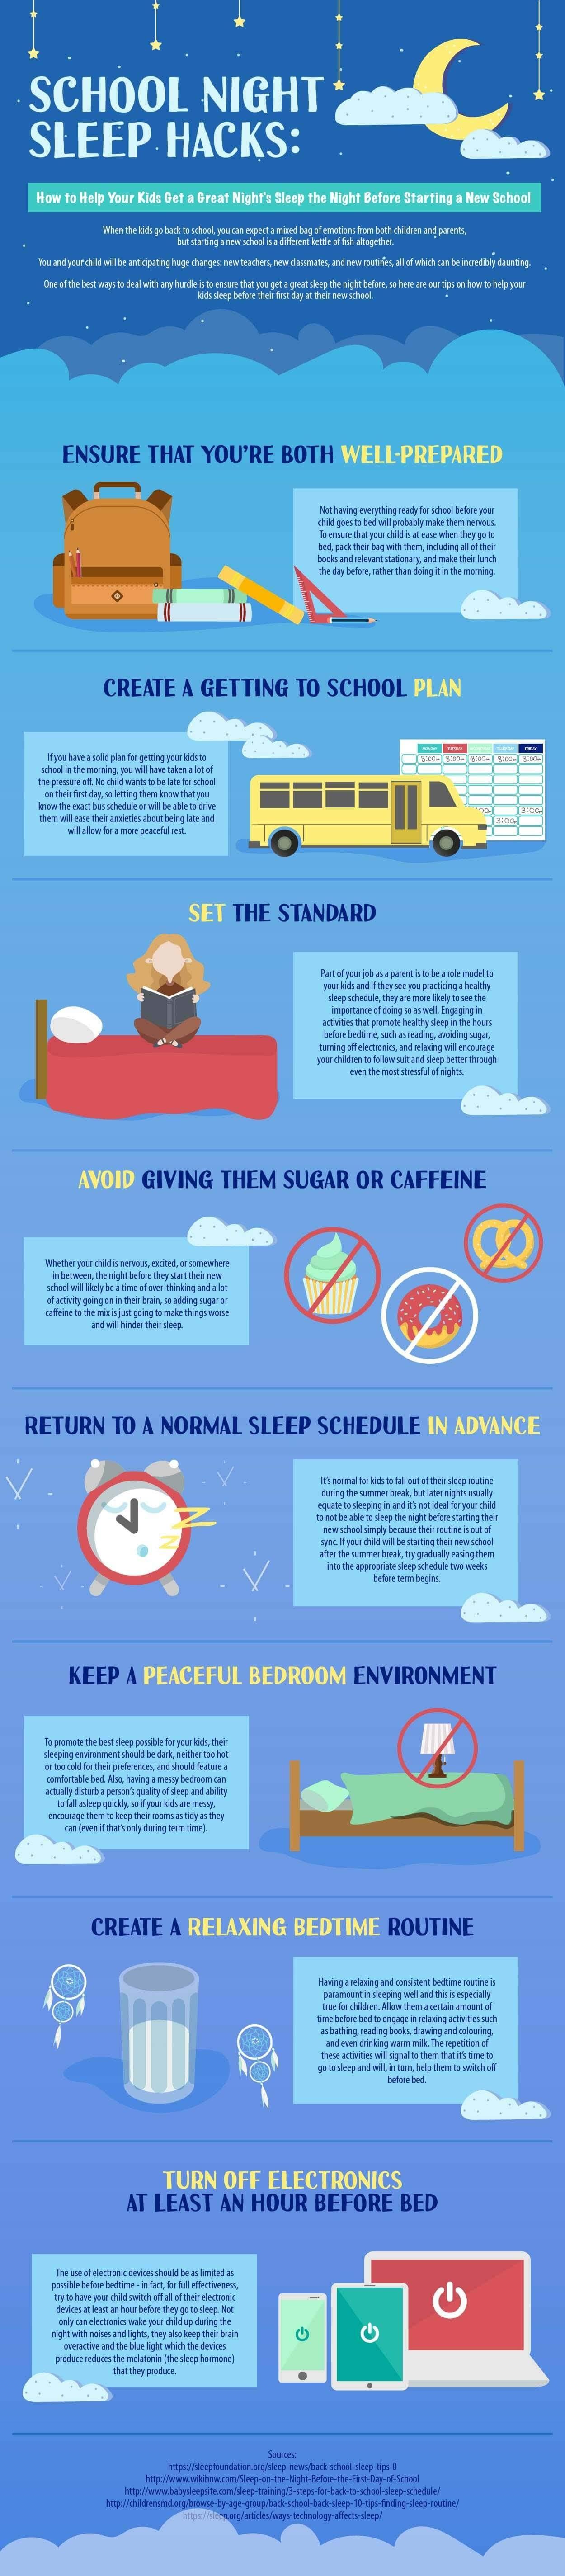 School Night Sleep Hacks